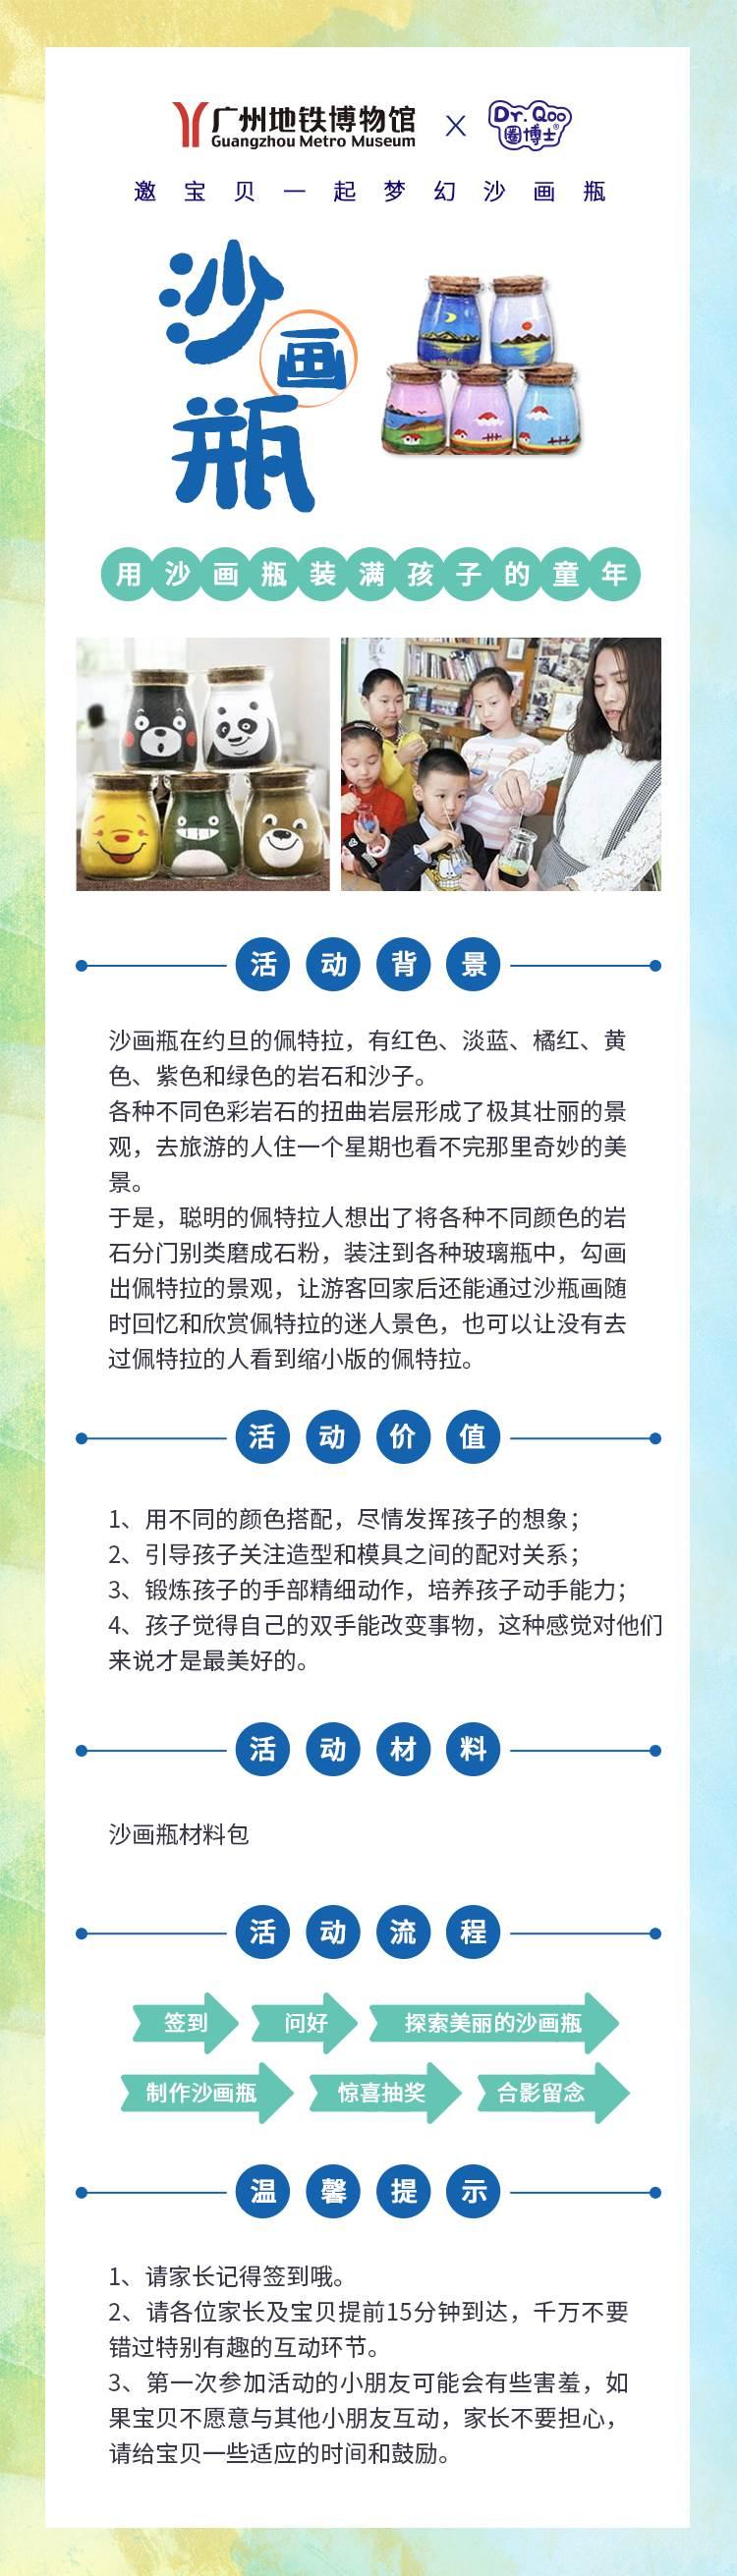 沙画瓶招募_wps图片.jpg